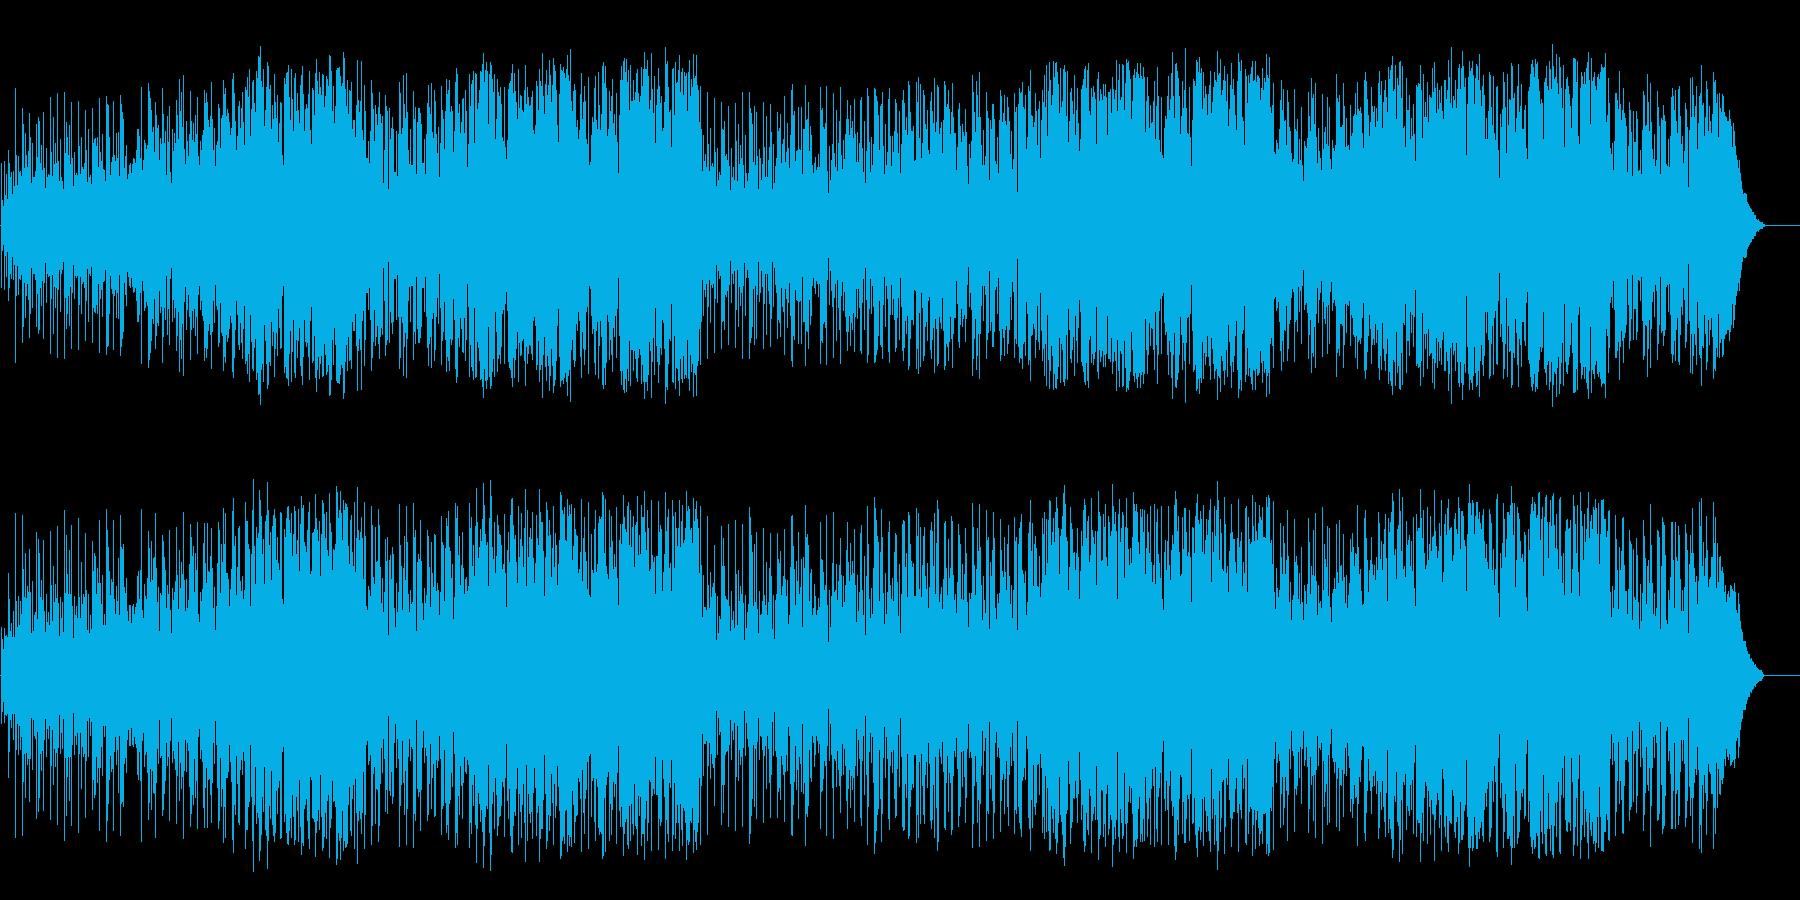 むじゃきで可愛らしくほのぼのとしたポップの再生済みの波形